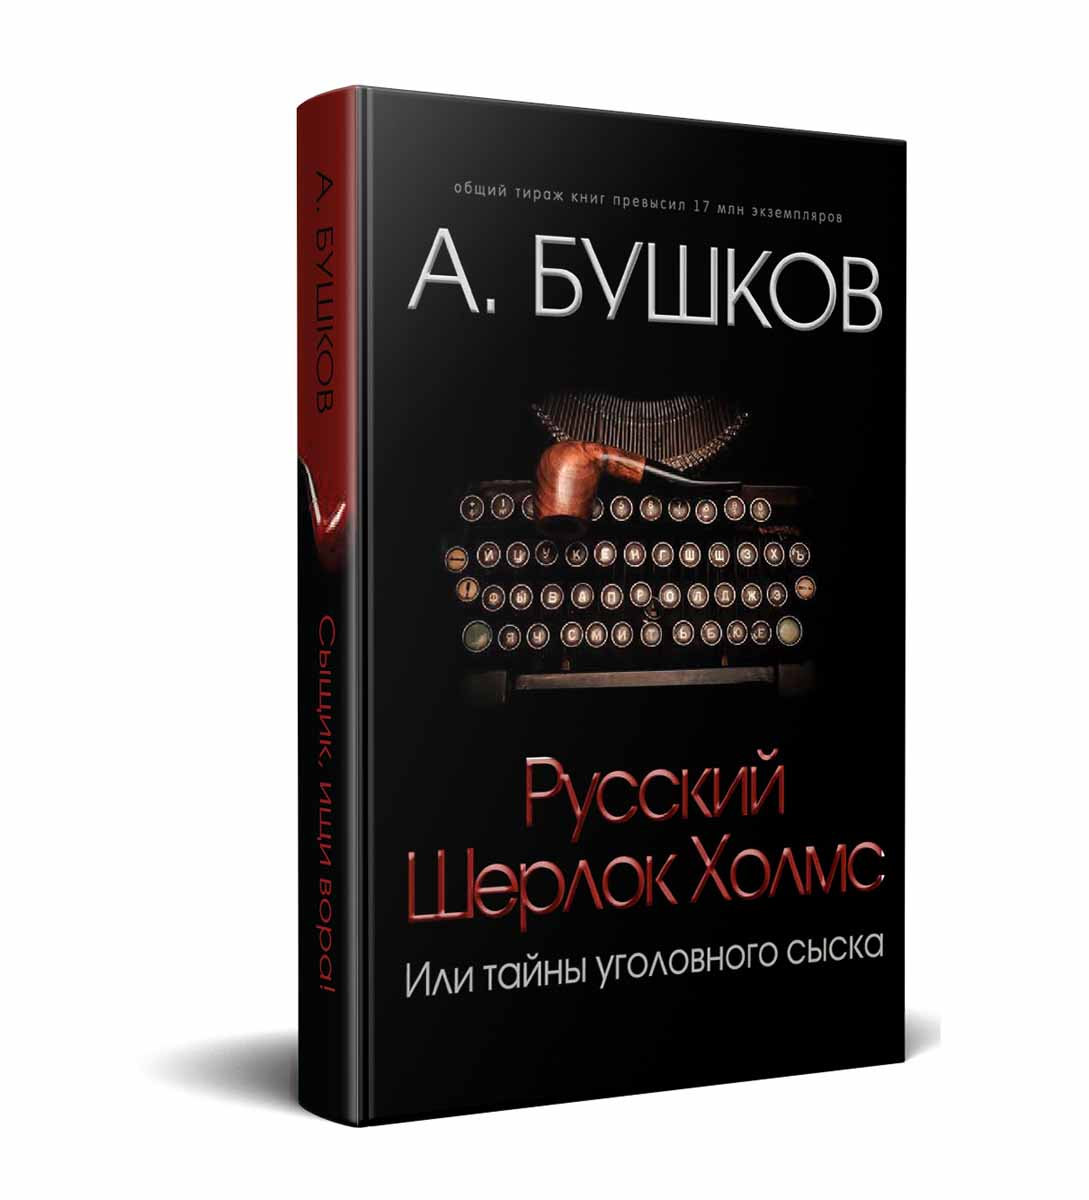 Русский Шерлок Холмс, или Тайны уголовного сыска. А. Бушков